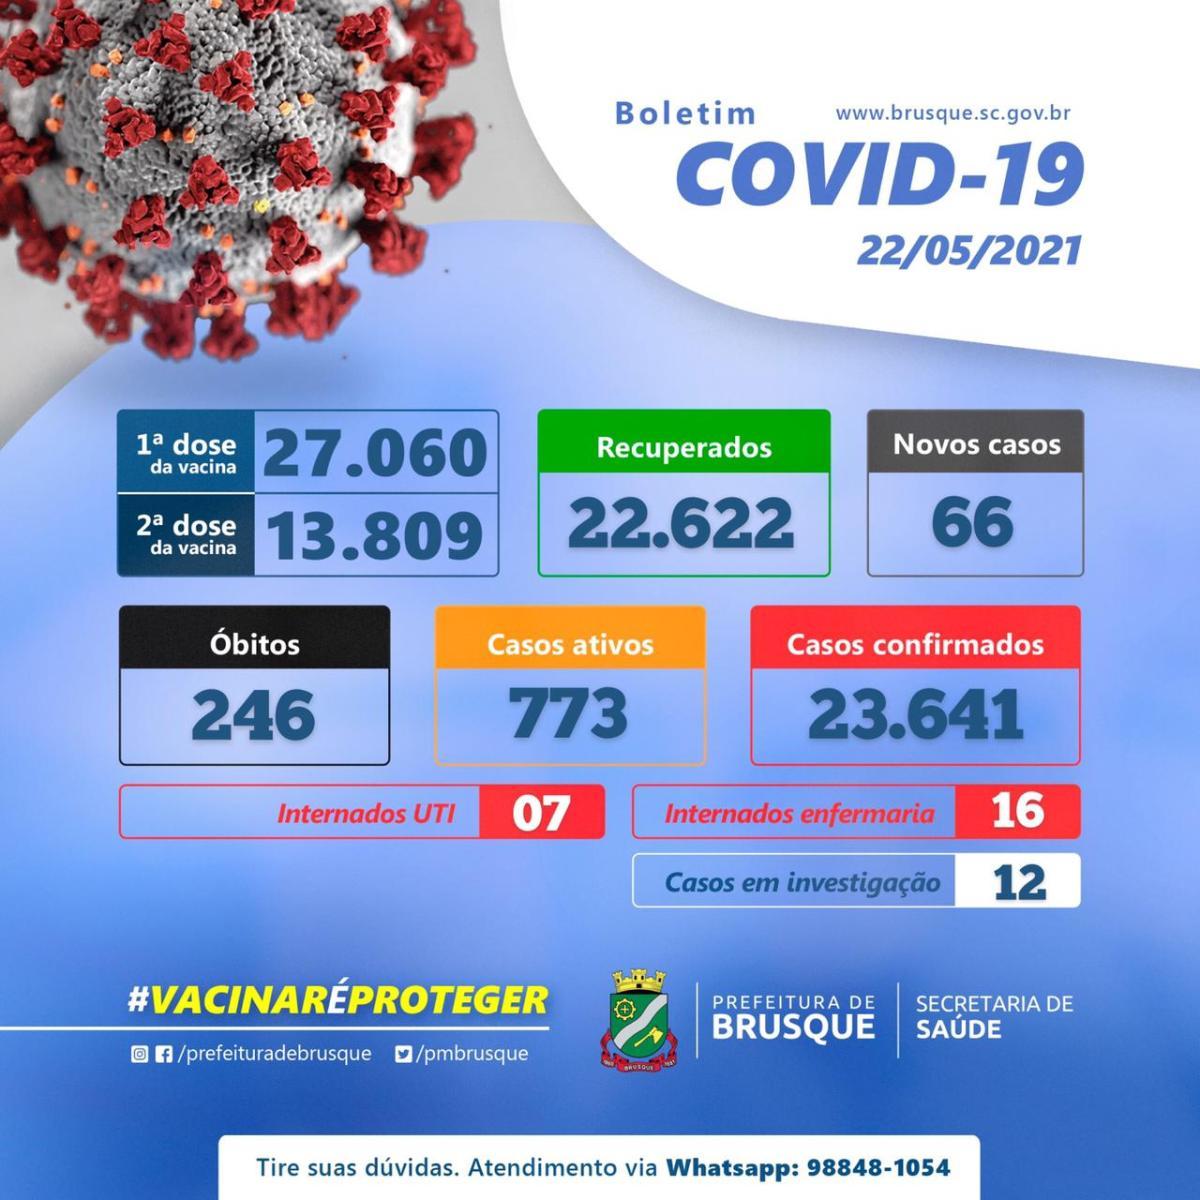 Covid-19: Confira o boletim epidemiológico deste sábado (22)